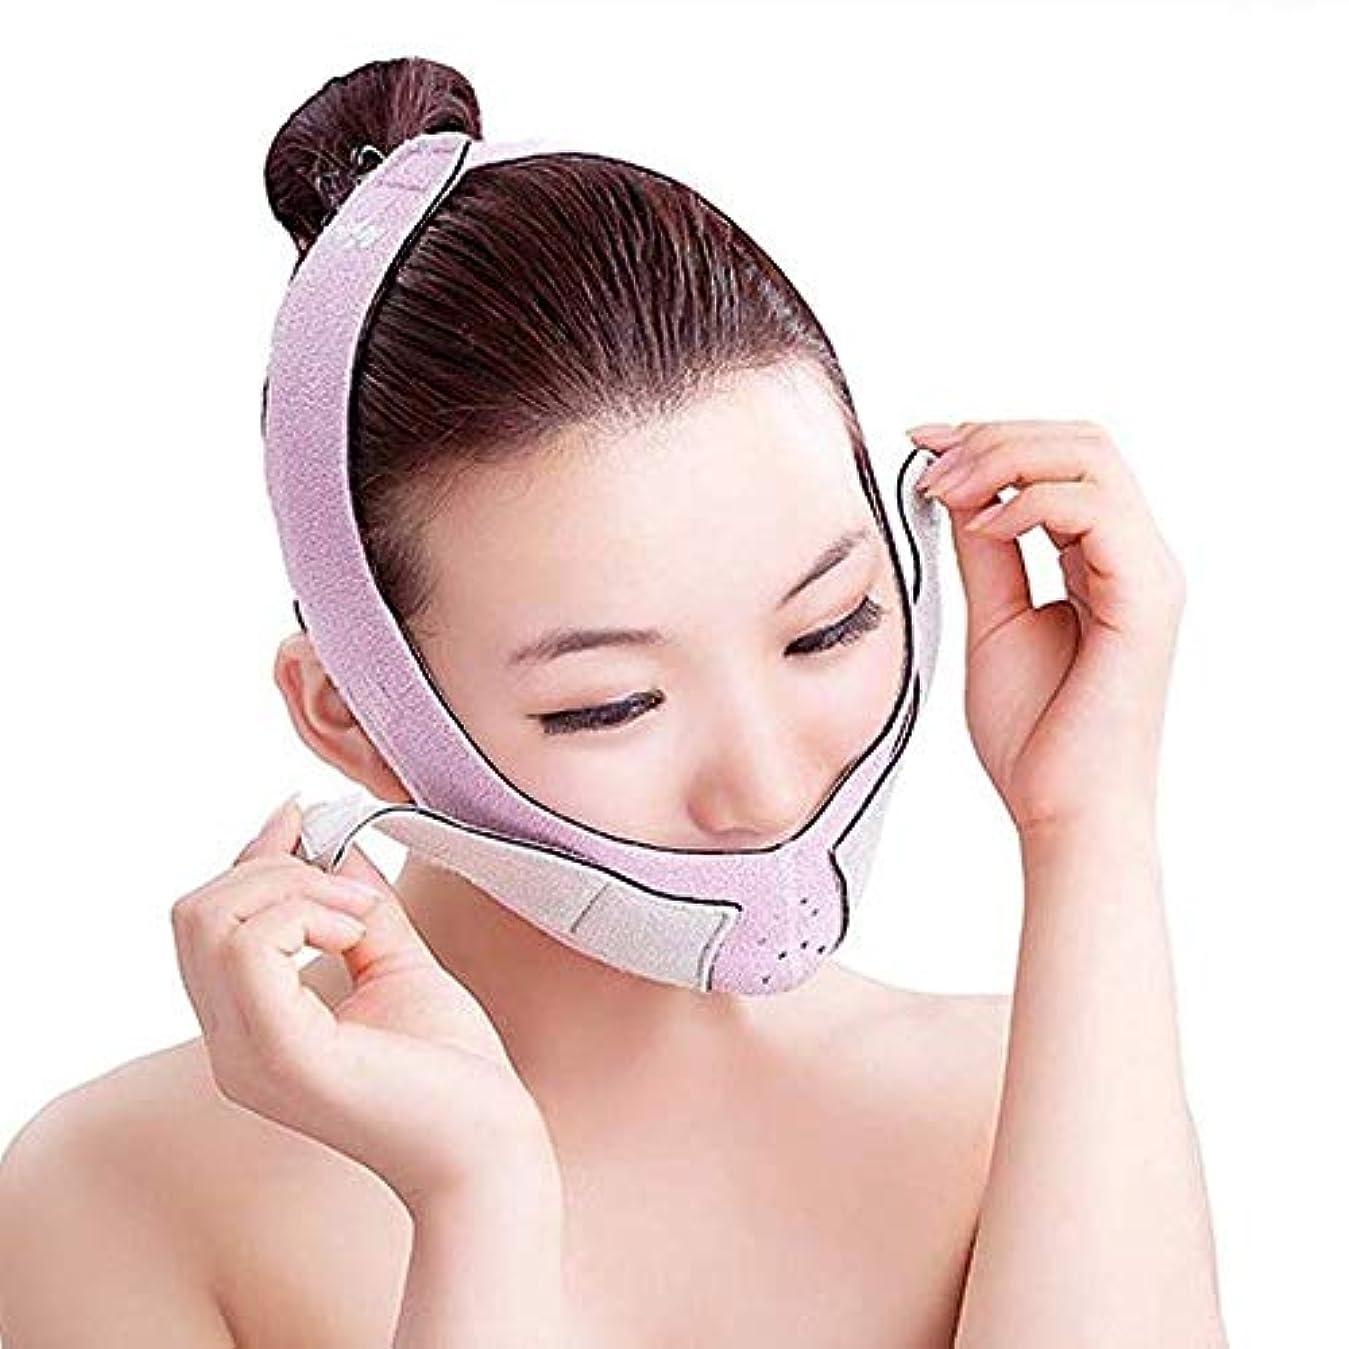 ロードされたアピール平和的HEMFV フェイススリミングマスク、3Dフェイスリフトスリミングフェイシャルマスク、皮膚のたるみを排除 - アンチエイジング痛み無料ウェイVフェイスラインベルトチンチークスリムリフト